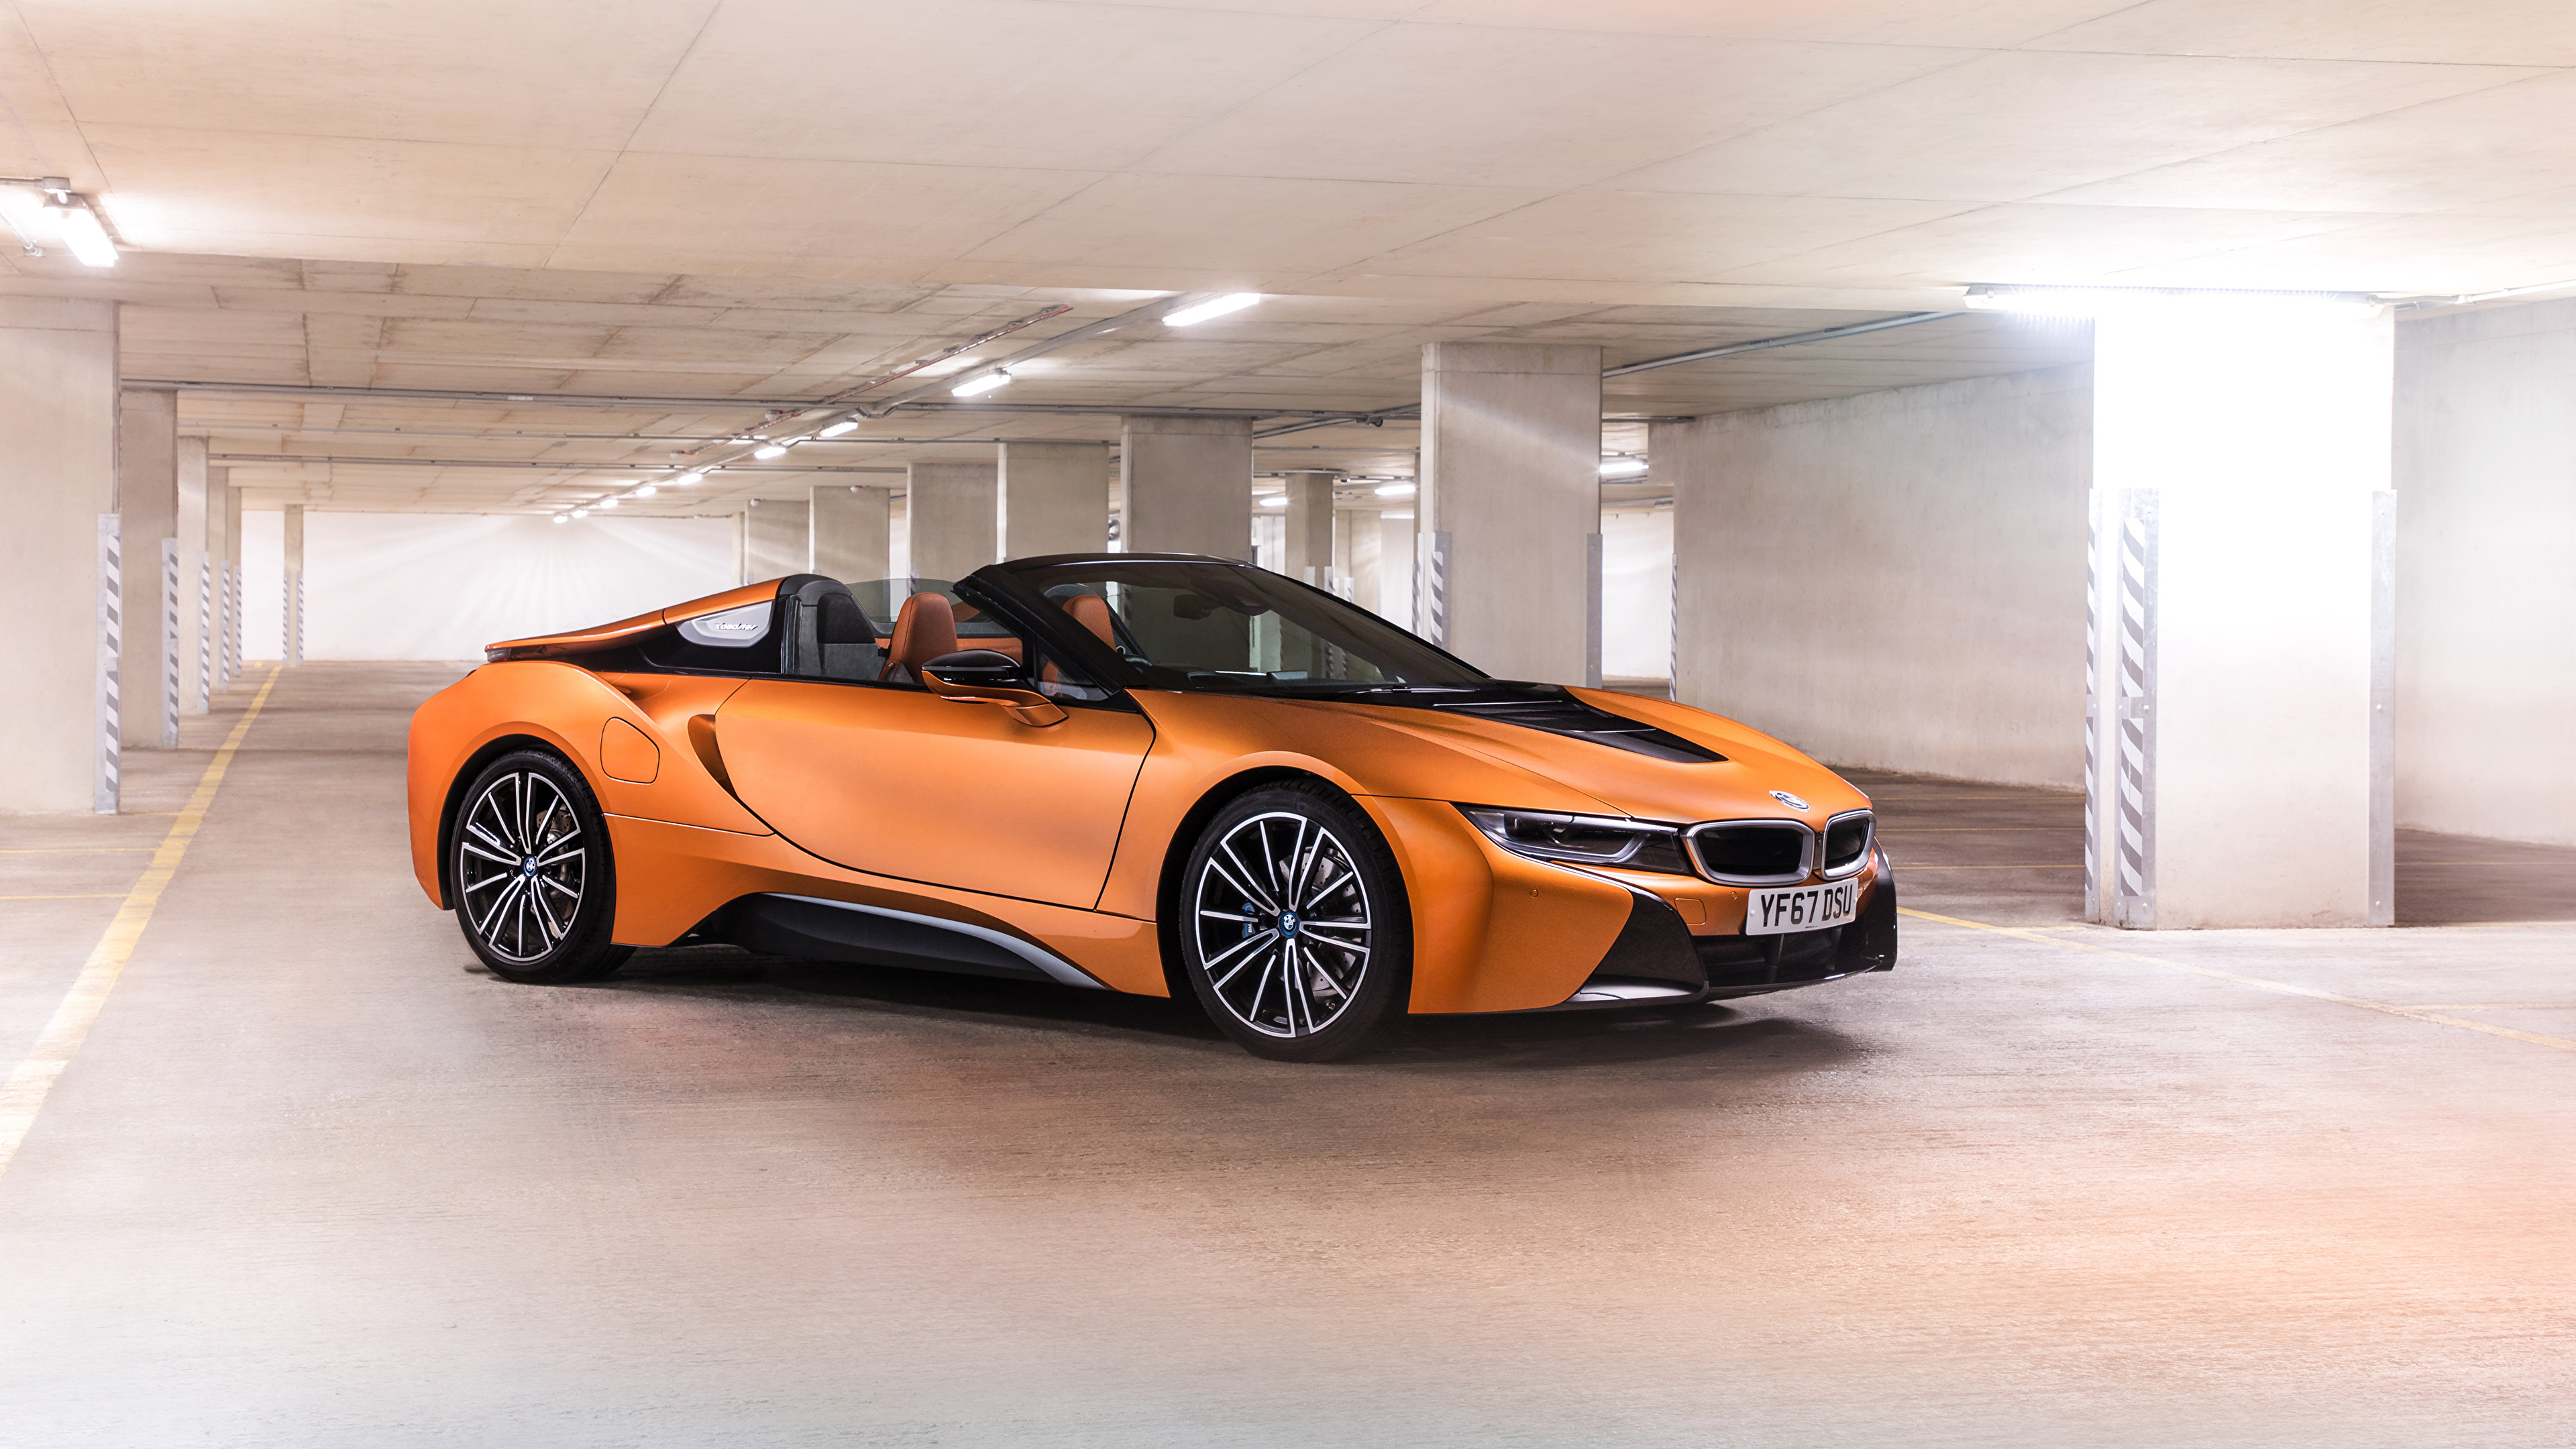 Фото BMW 2018 i8 Roadster Родстер Оранжевый авто 3840x2160 БМВ оранжевых оранжевые оранжевая машина машины автомобиль Автомобили